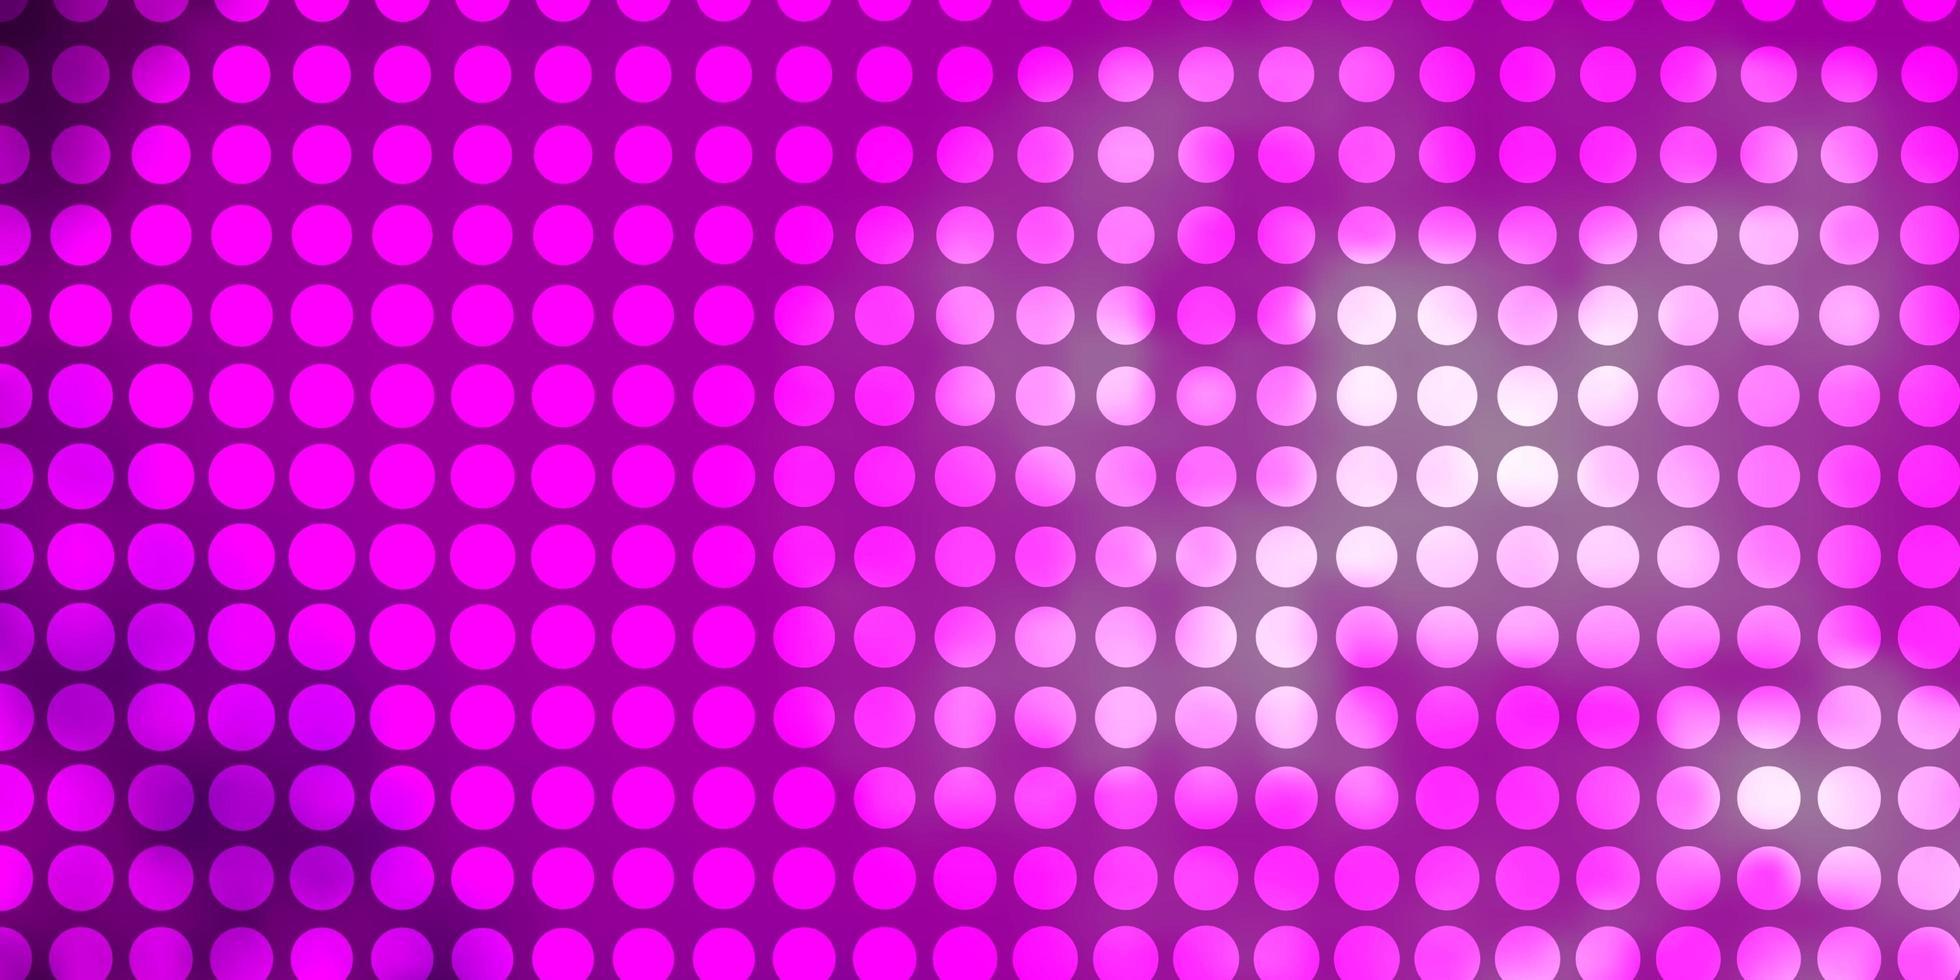 layout vettoriale rosa chiaro con cerchi.